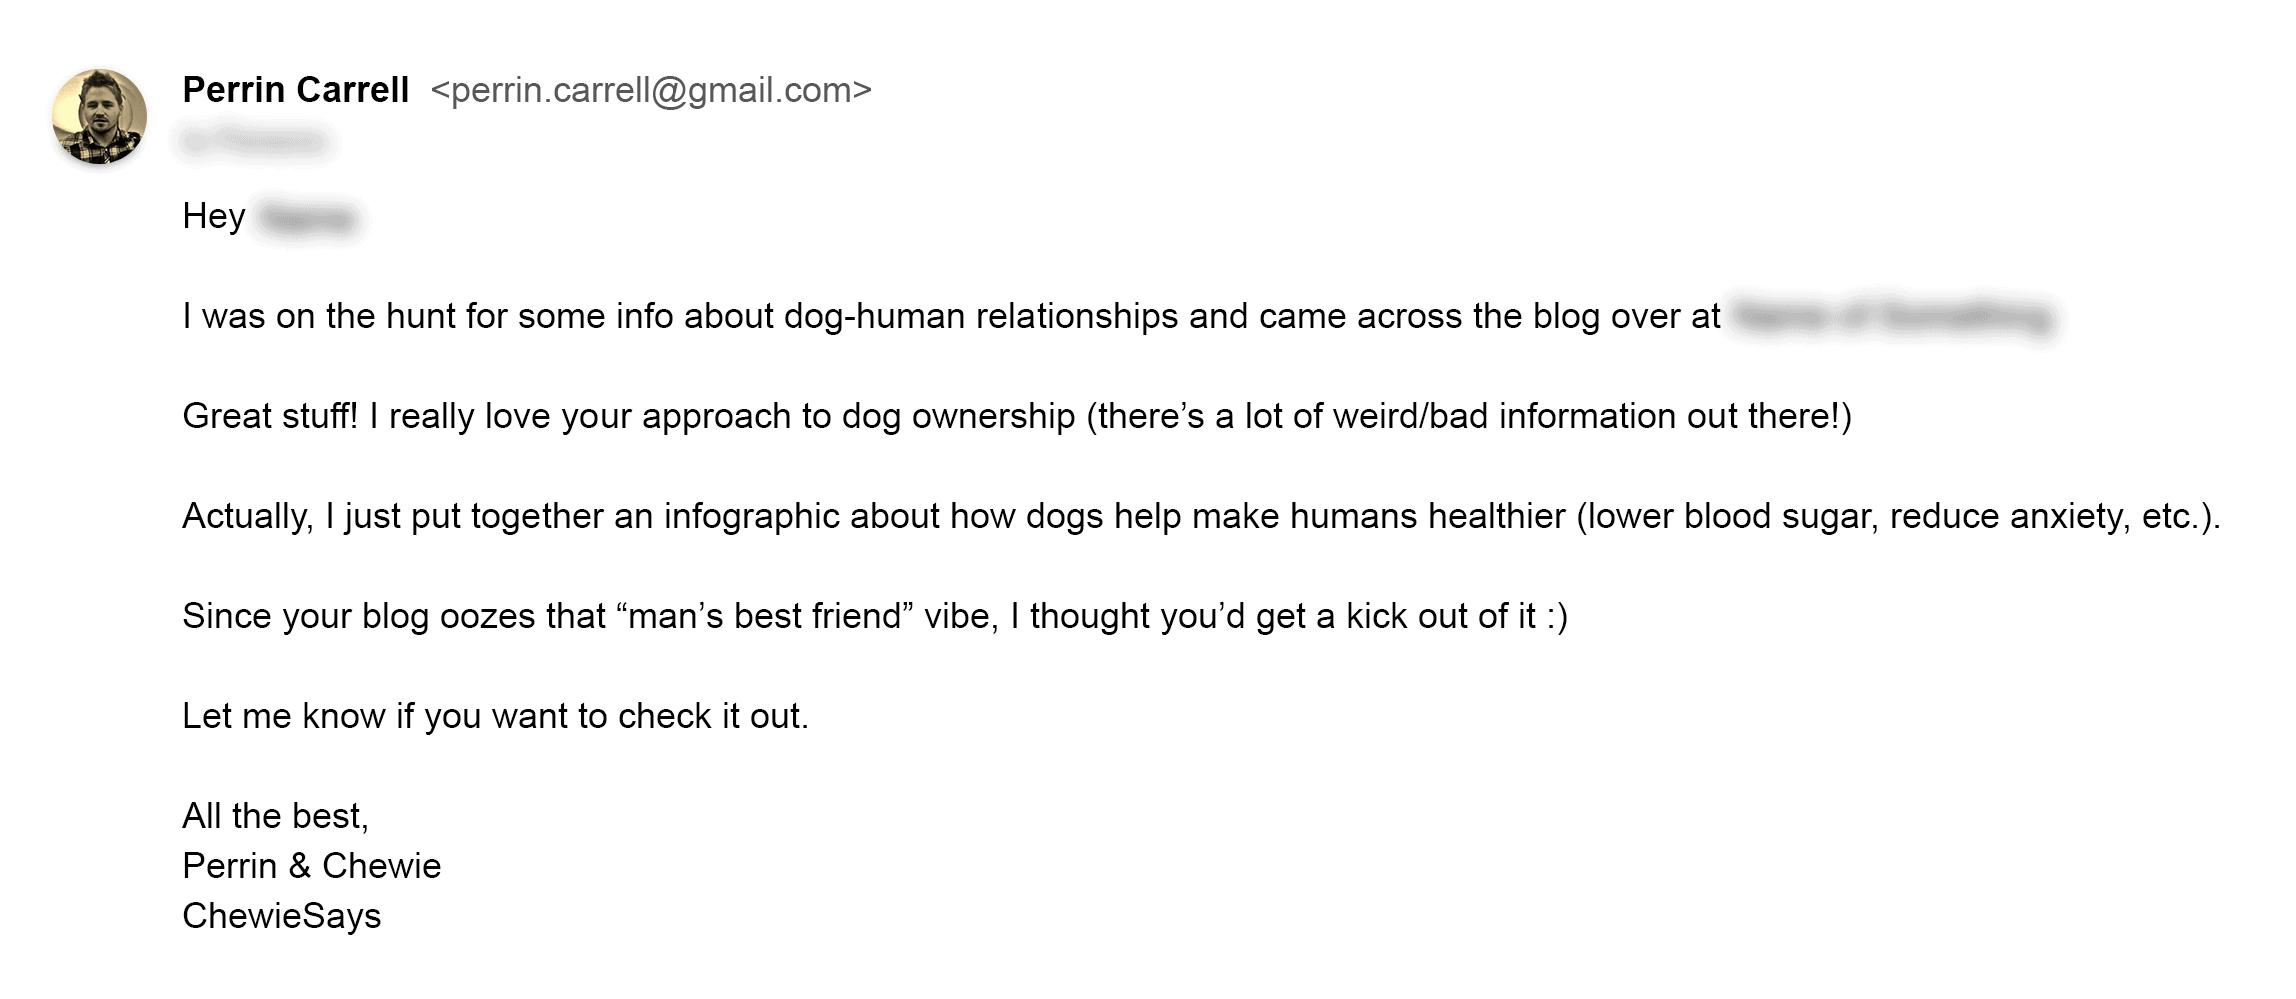 Feeler email